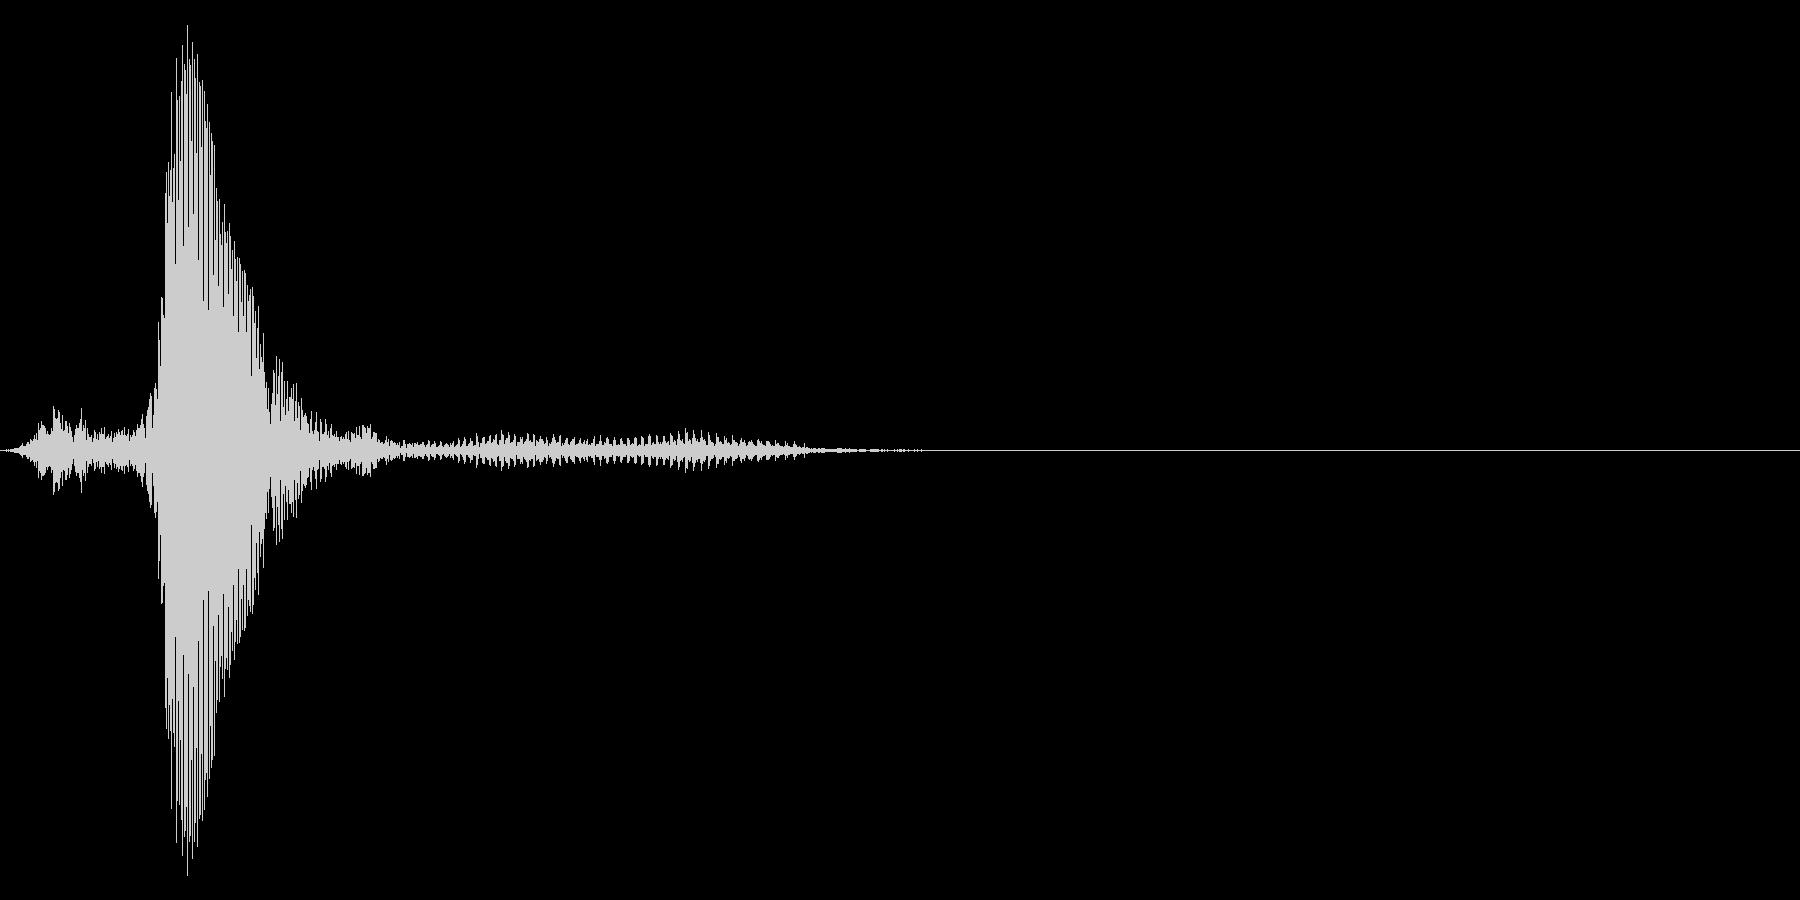 ゲーム掛け声男2ハイッ2の未再生の波形